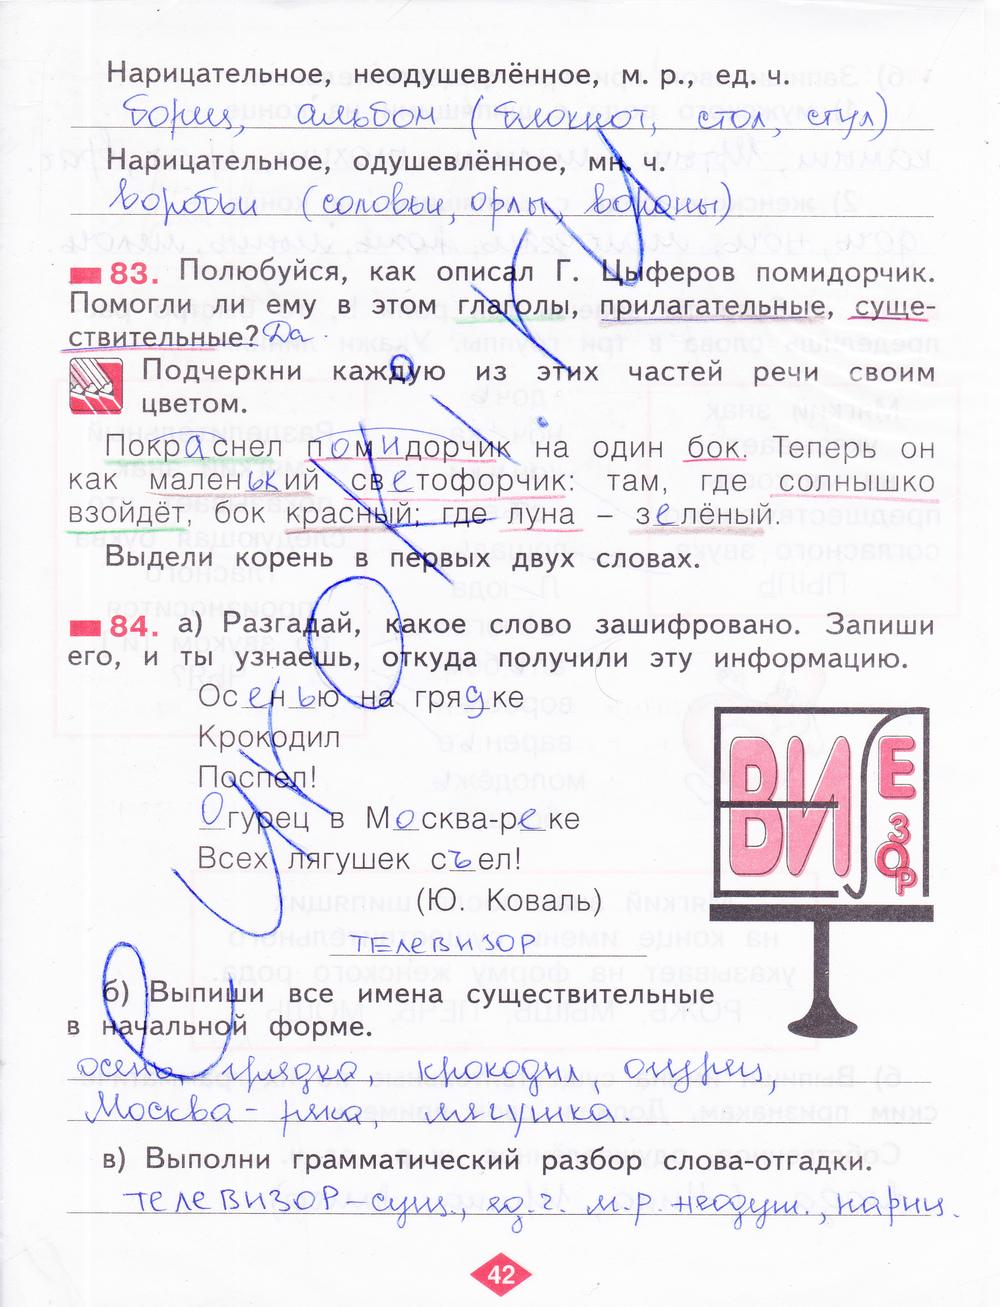 ГДЗ по русскому языку 2 класс рабочая тетрадь Яковлева Часть 1, 2, 3, 4. Задание: стр. 42